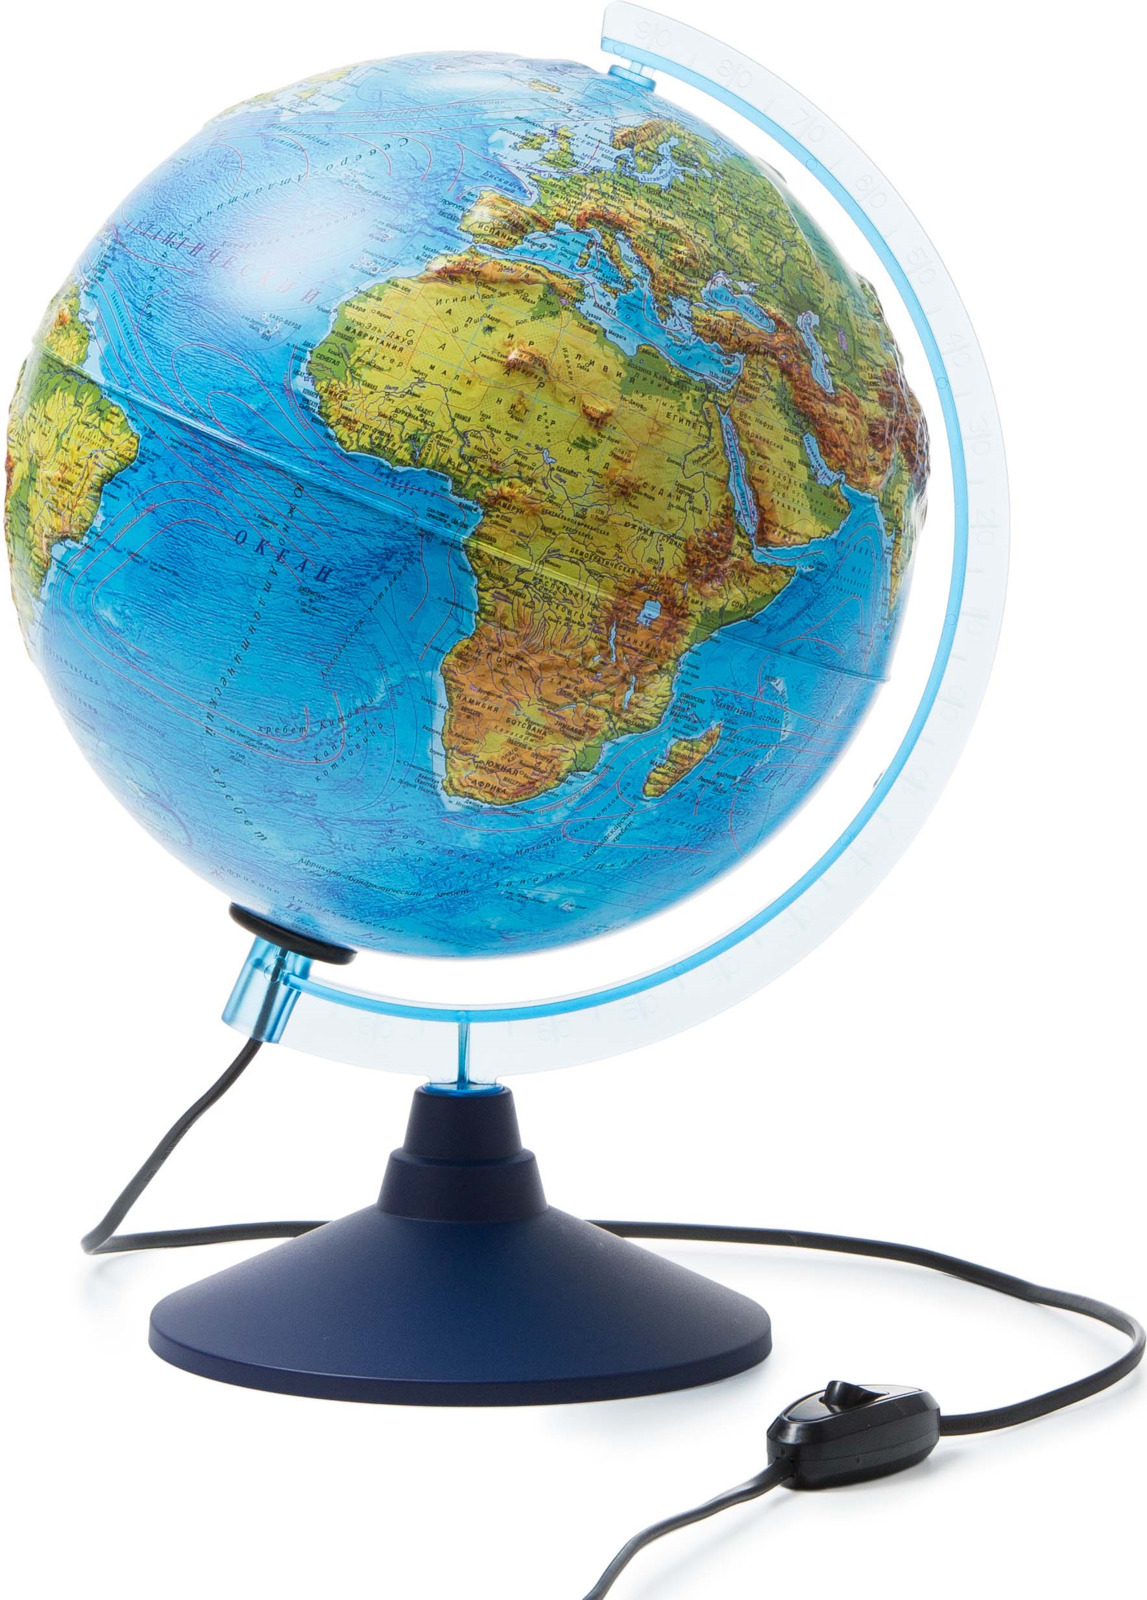 Globen Глобус Земли физико-политический рельефный с подсветкой диаметр 250 мм globen глобус земли globen физико политический с подсветкой 320мм